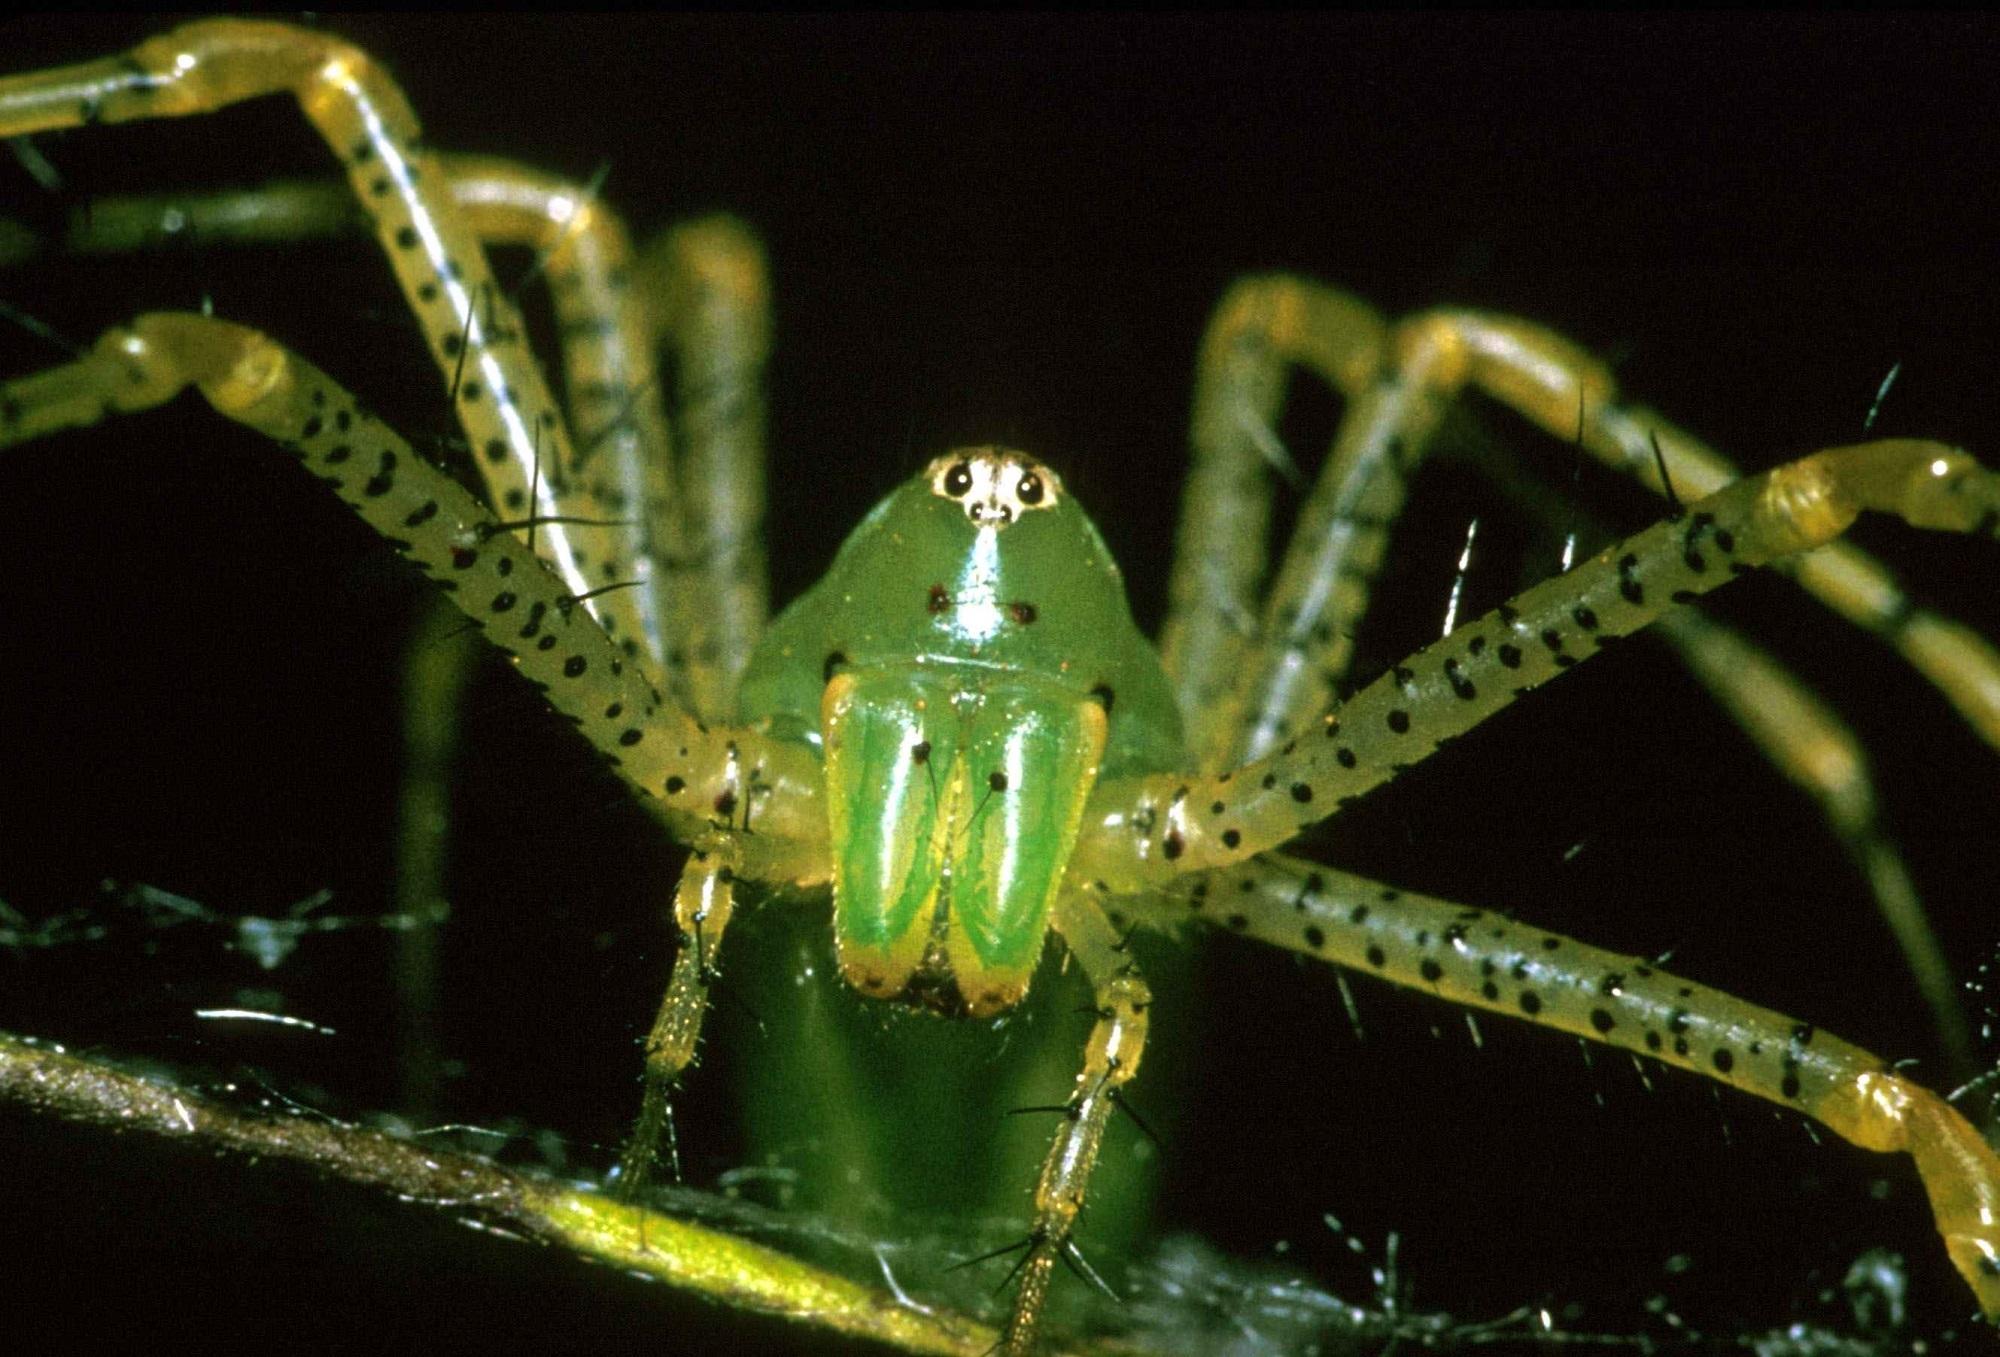 Показать картинку черного паука с зелеными глазами использовании веб-интерфейса